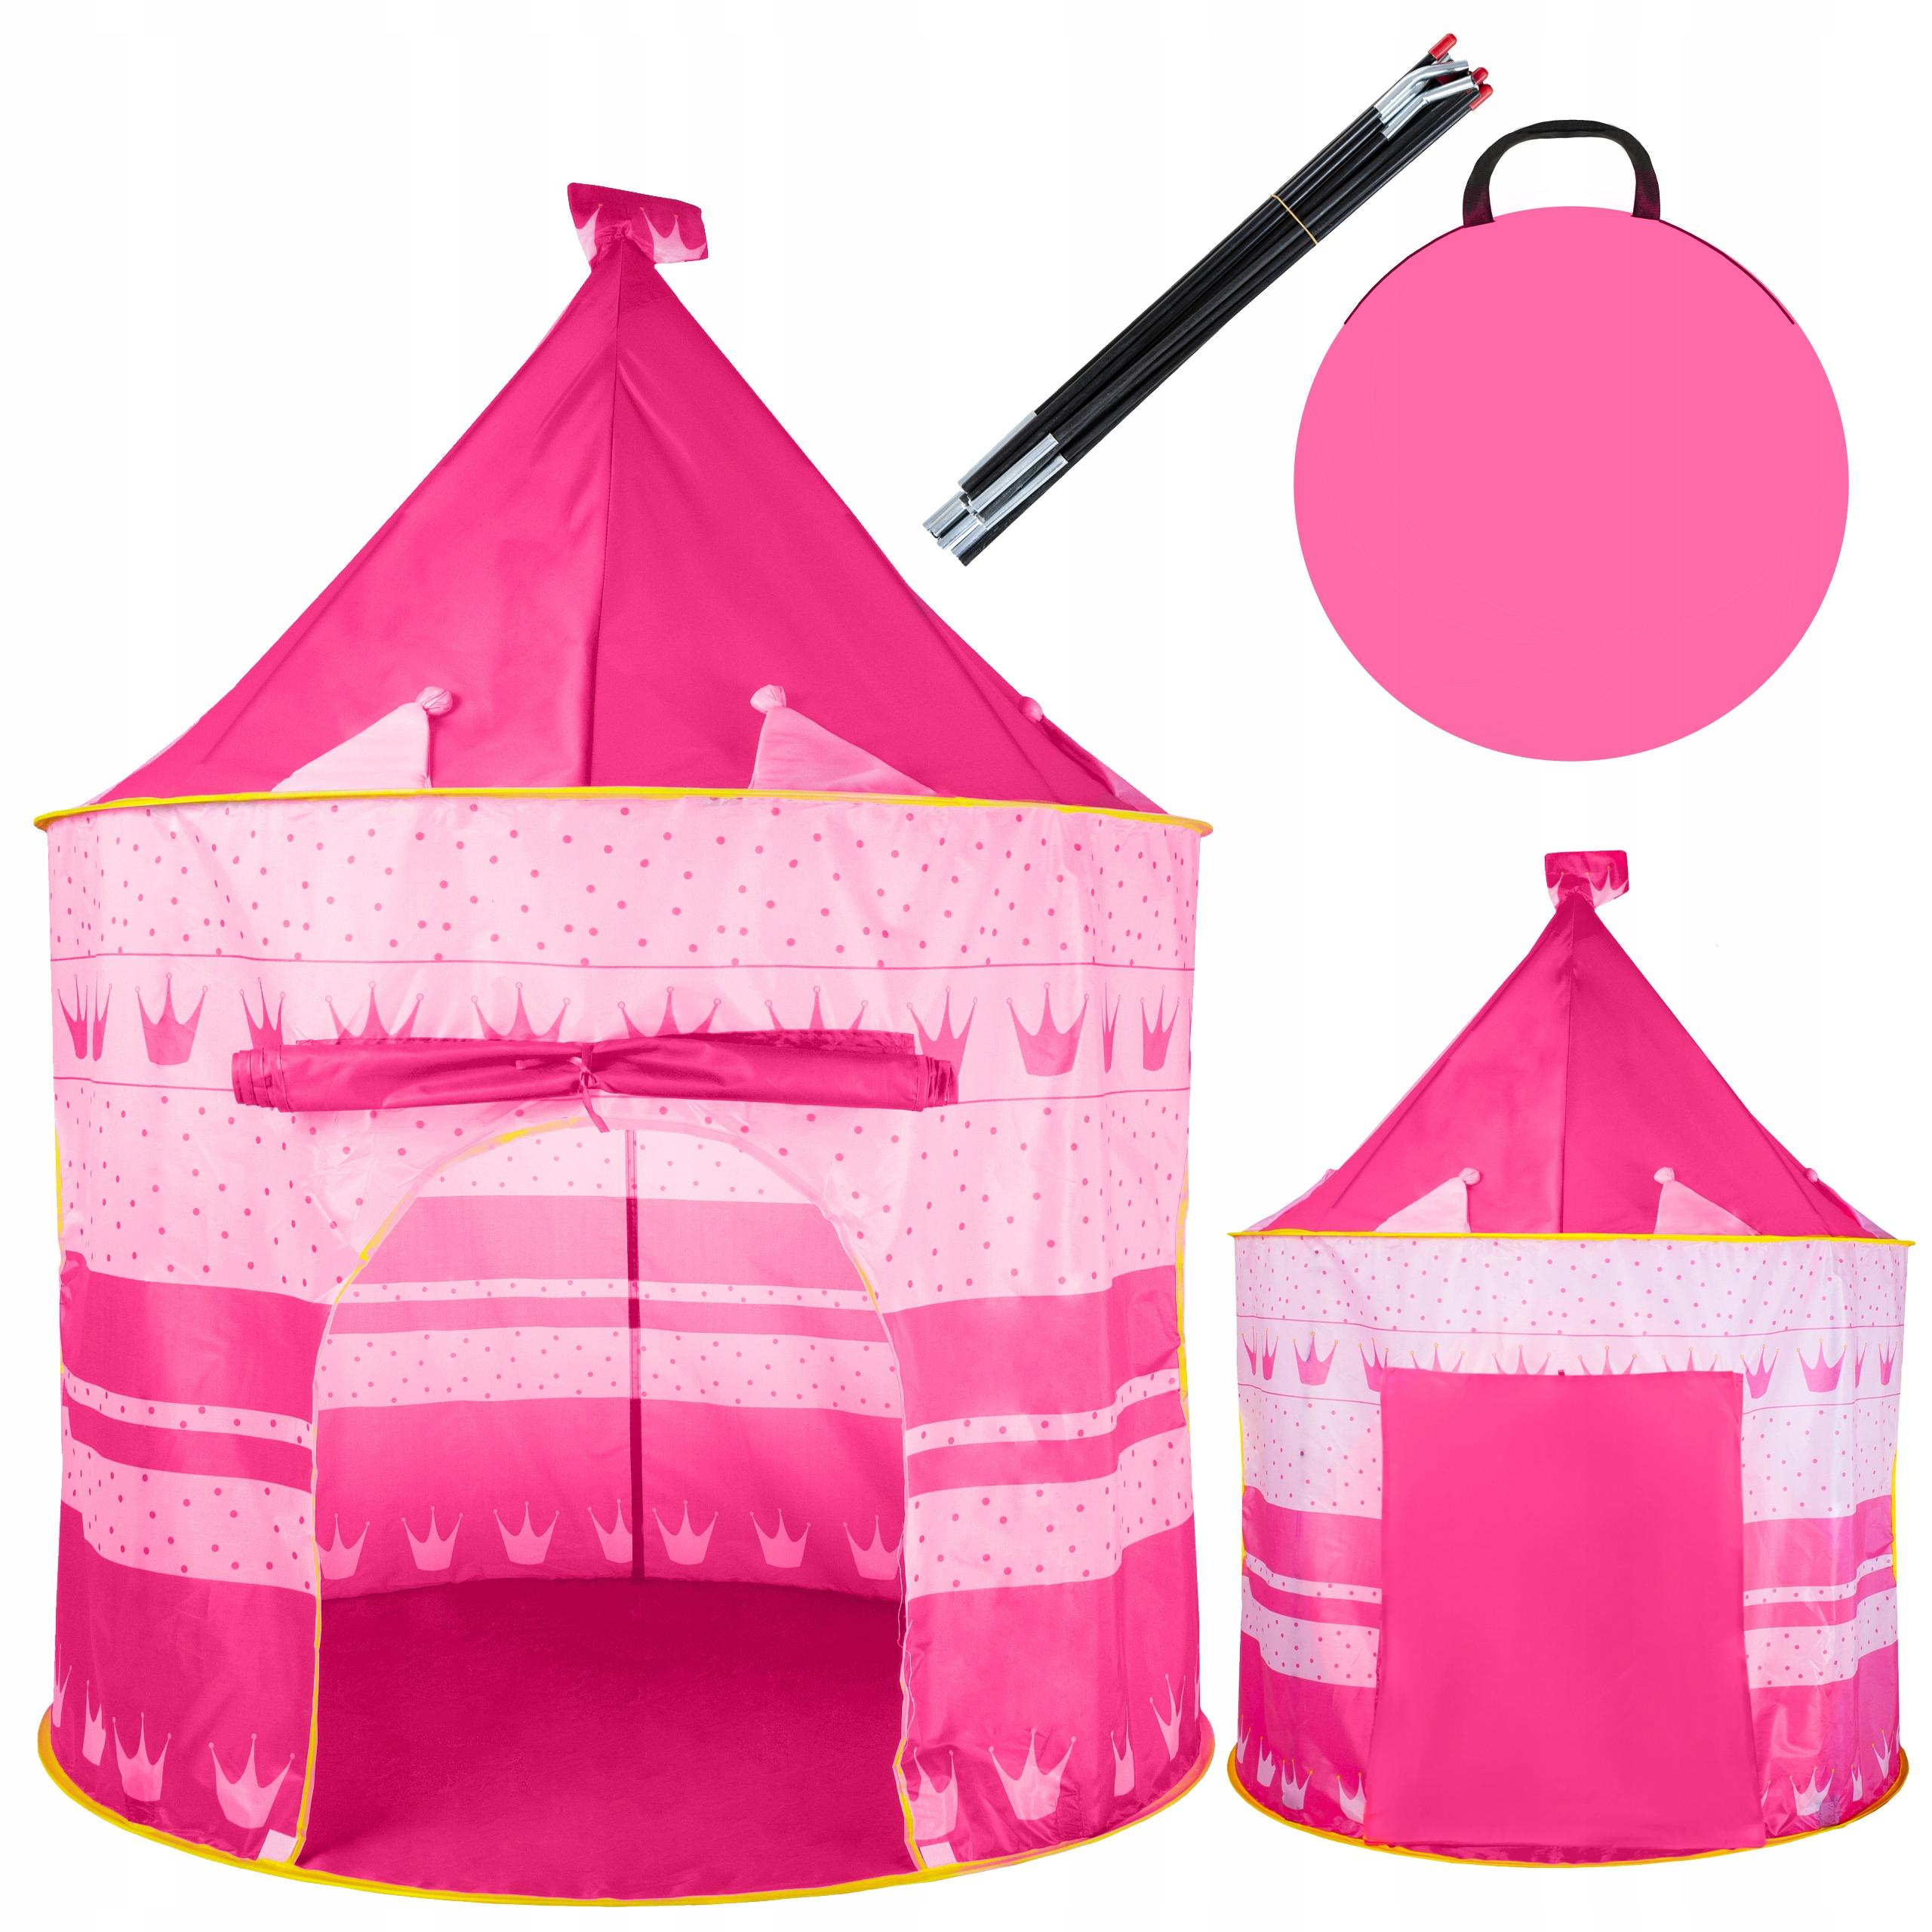 Дом-шатер для детей Дворцовый замок для розового сада